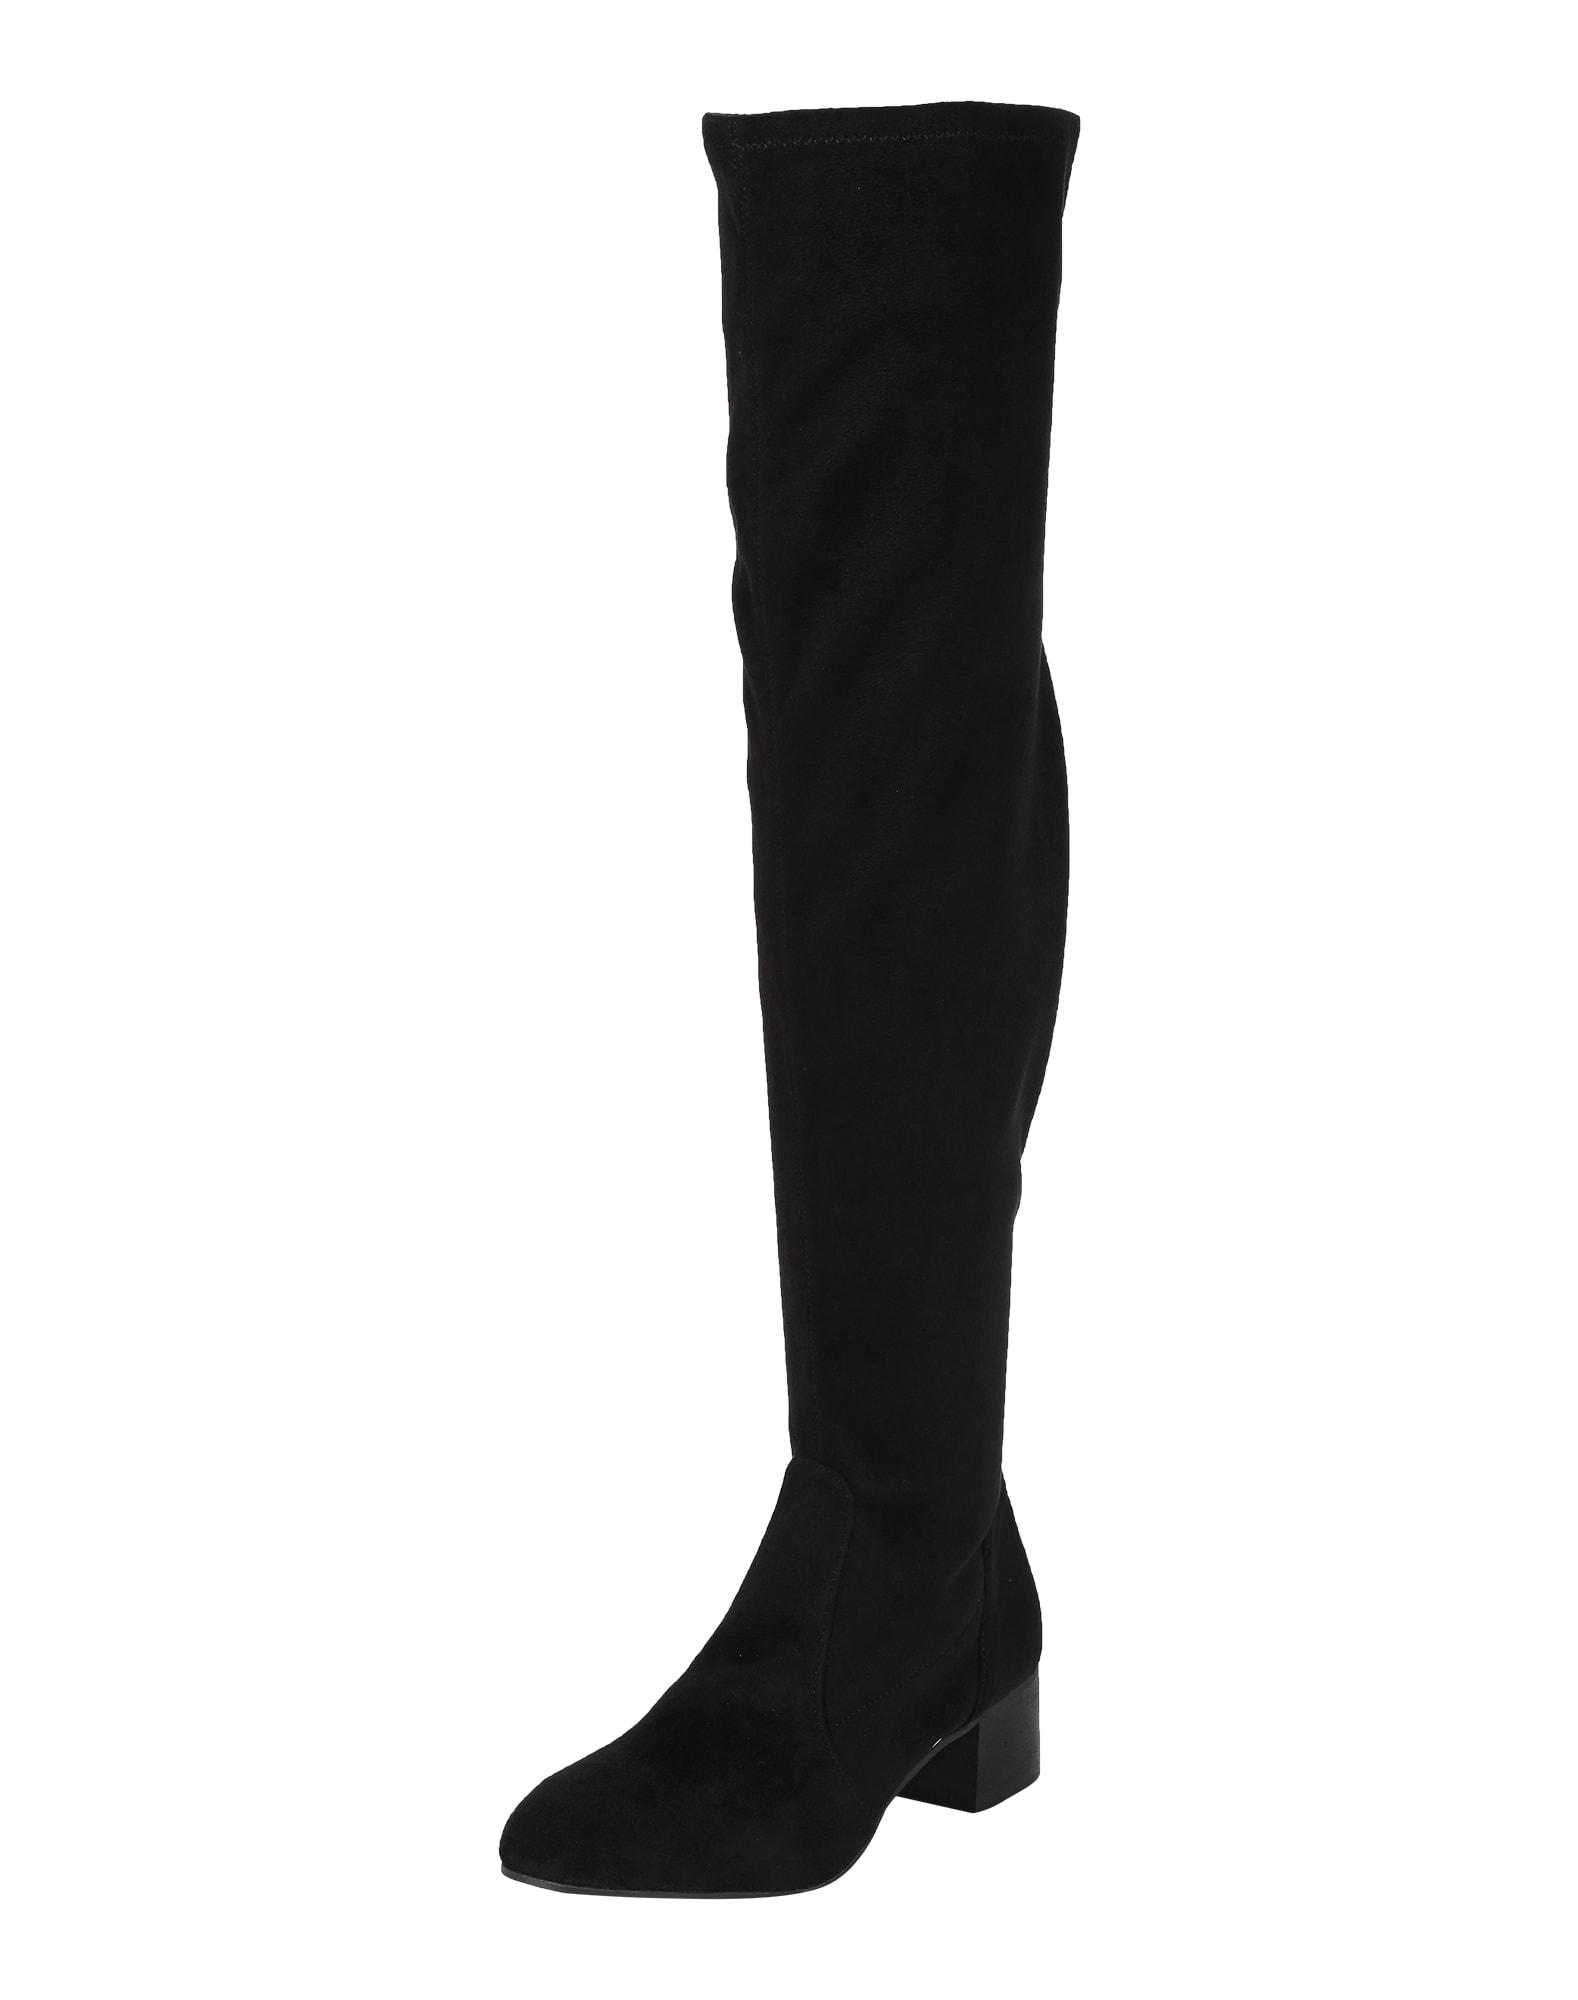 ESPRIT, Dames Overknee laarzen 'Nola', zwart